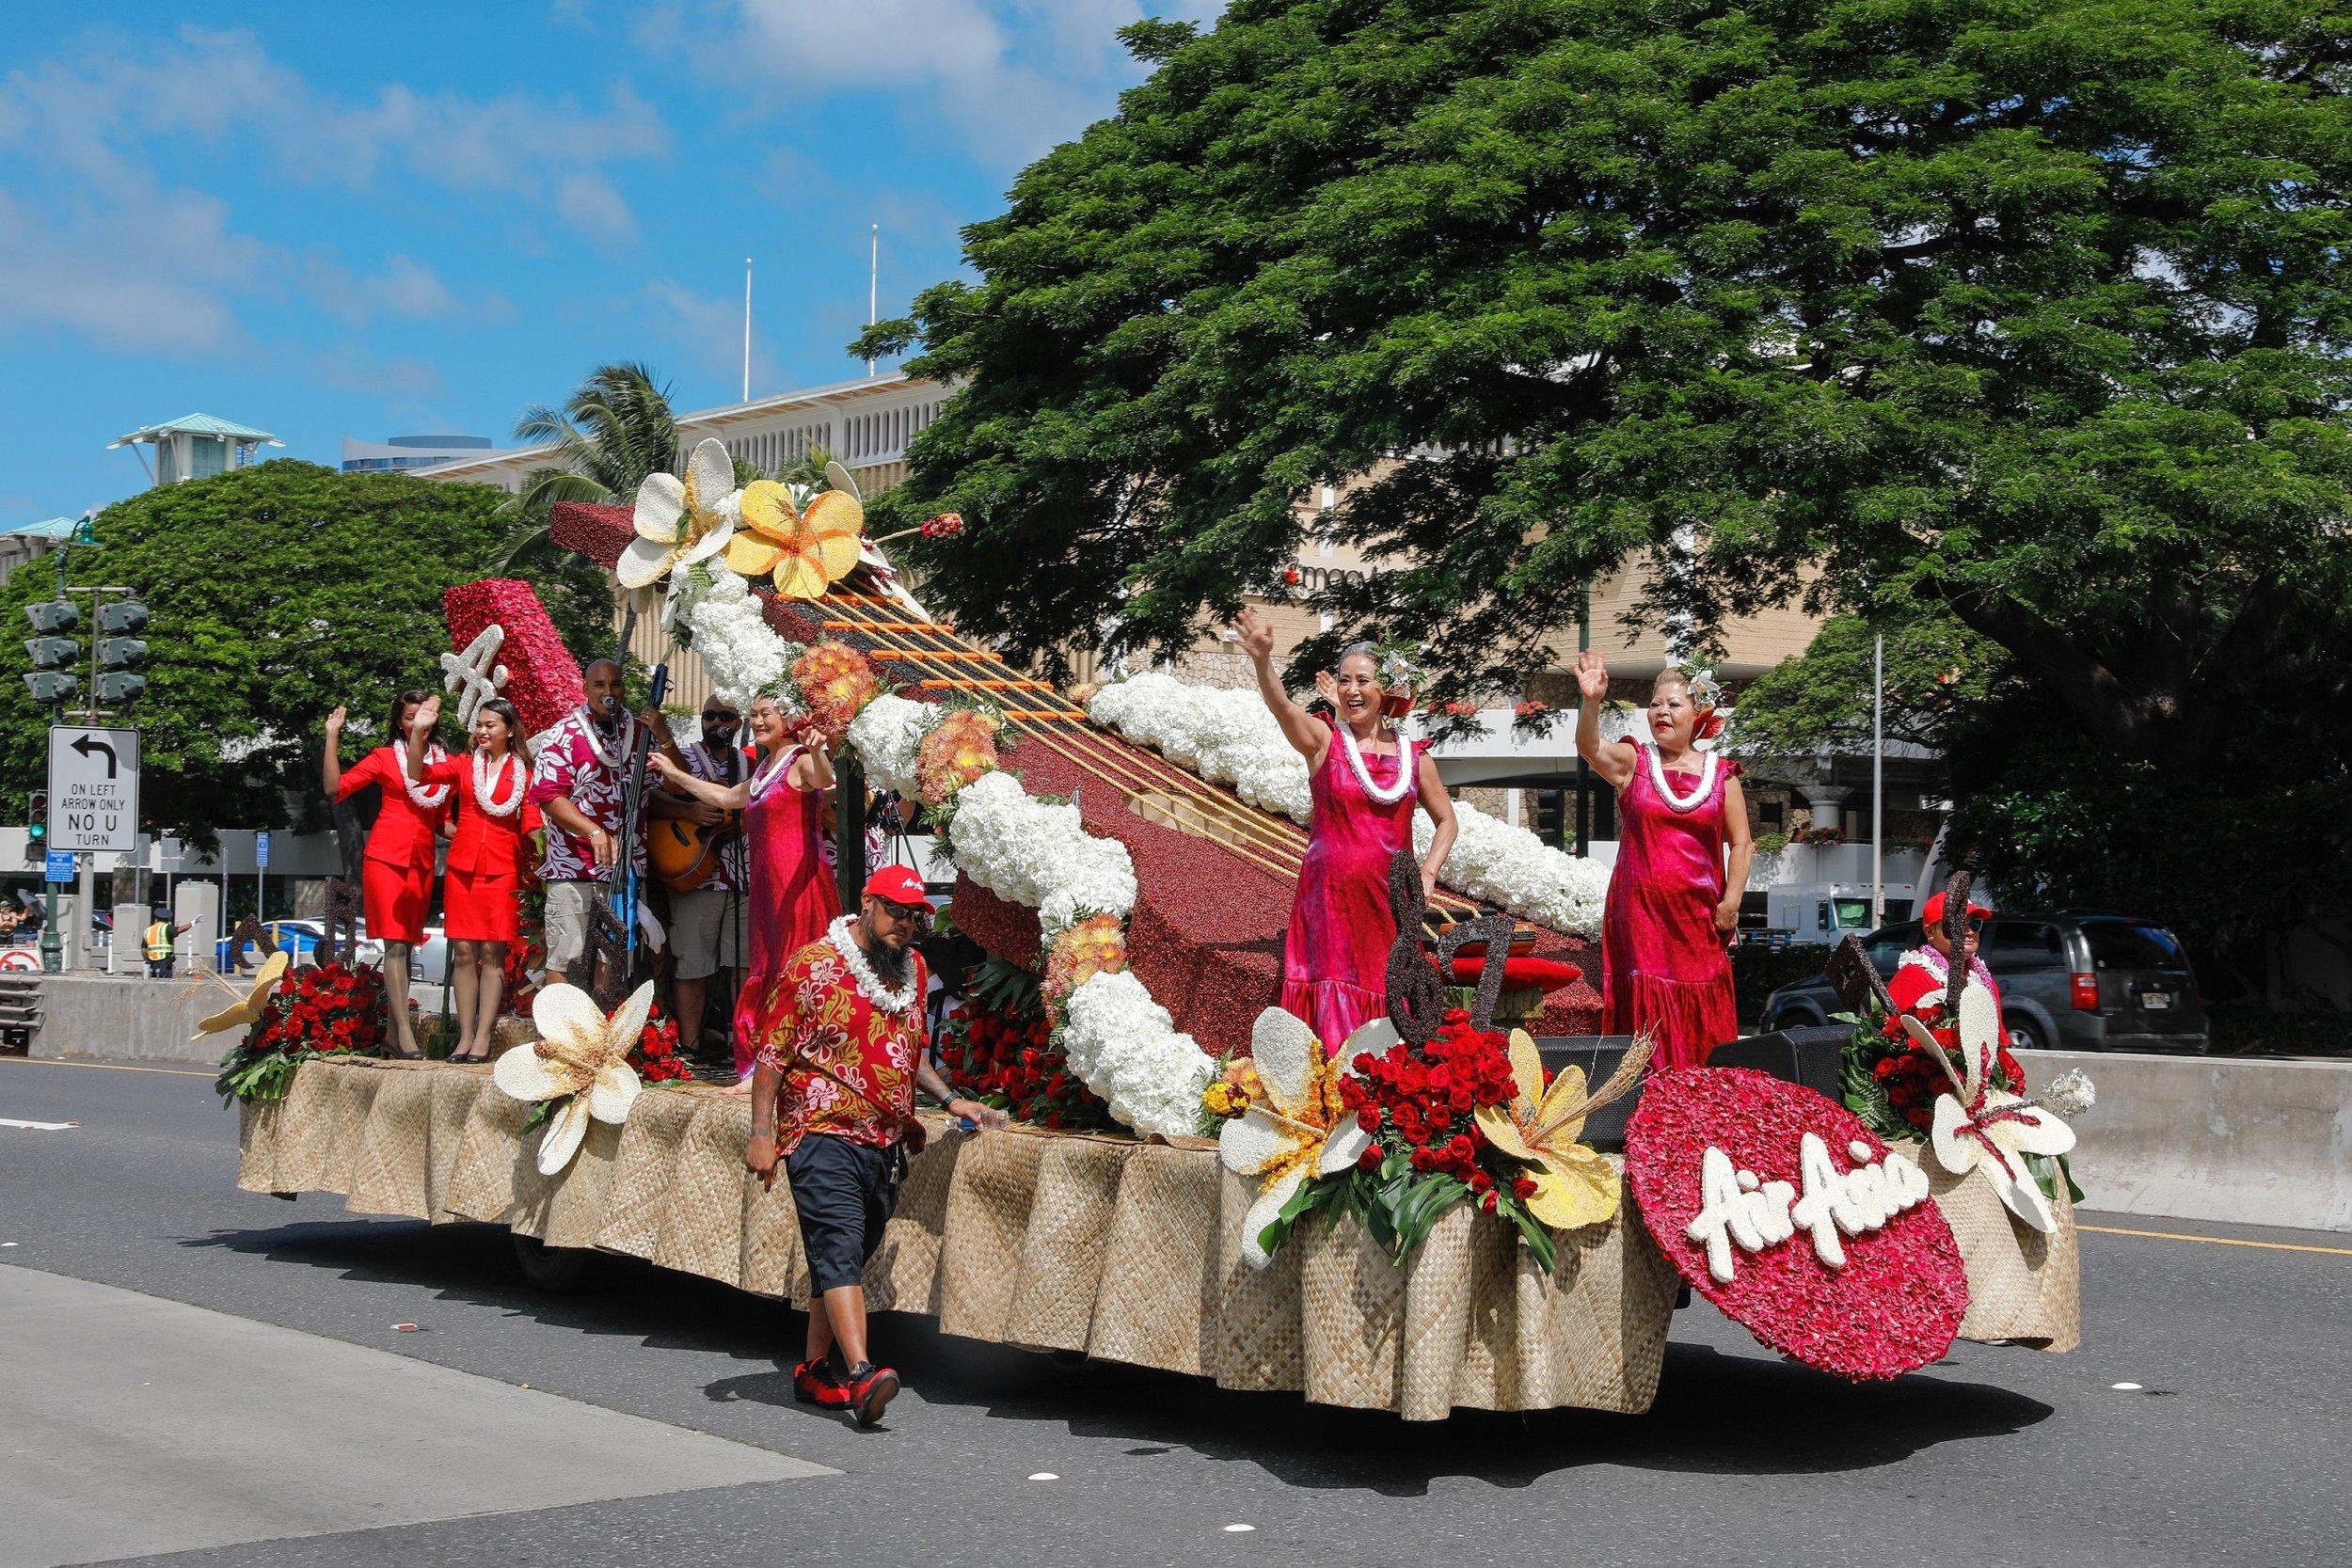 Aloha Festival 2019 Honolulu Hawaii USA